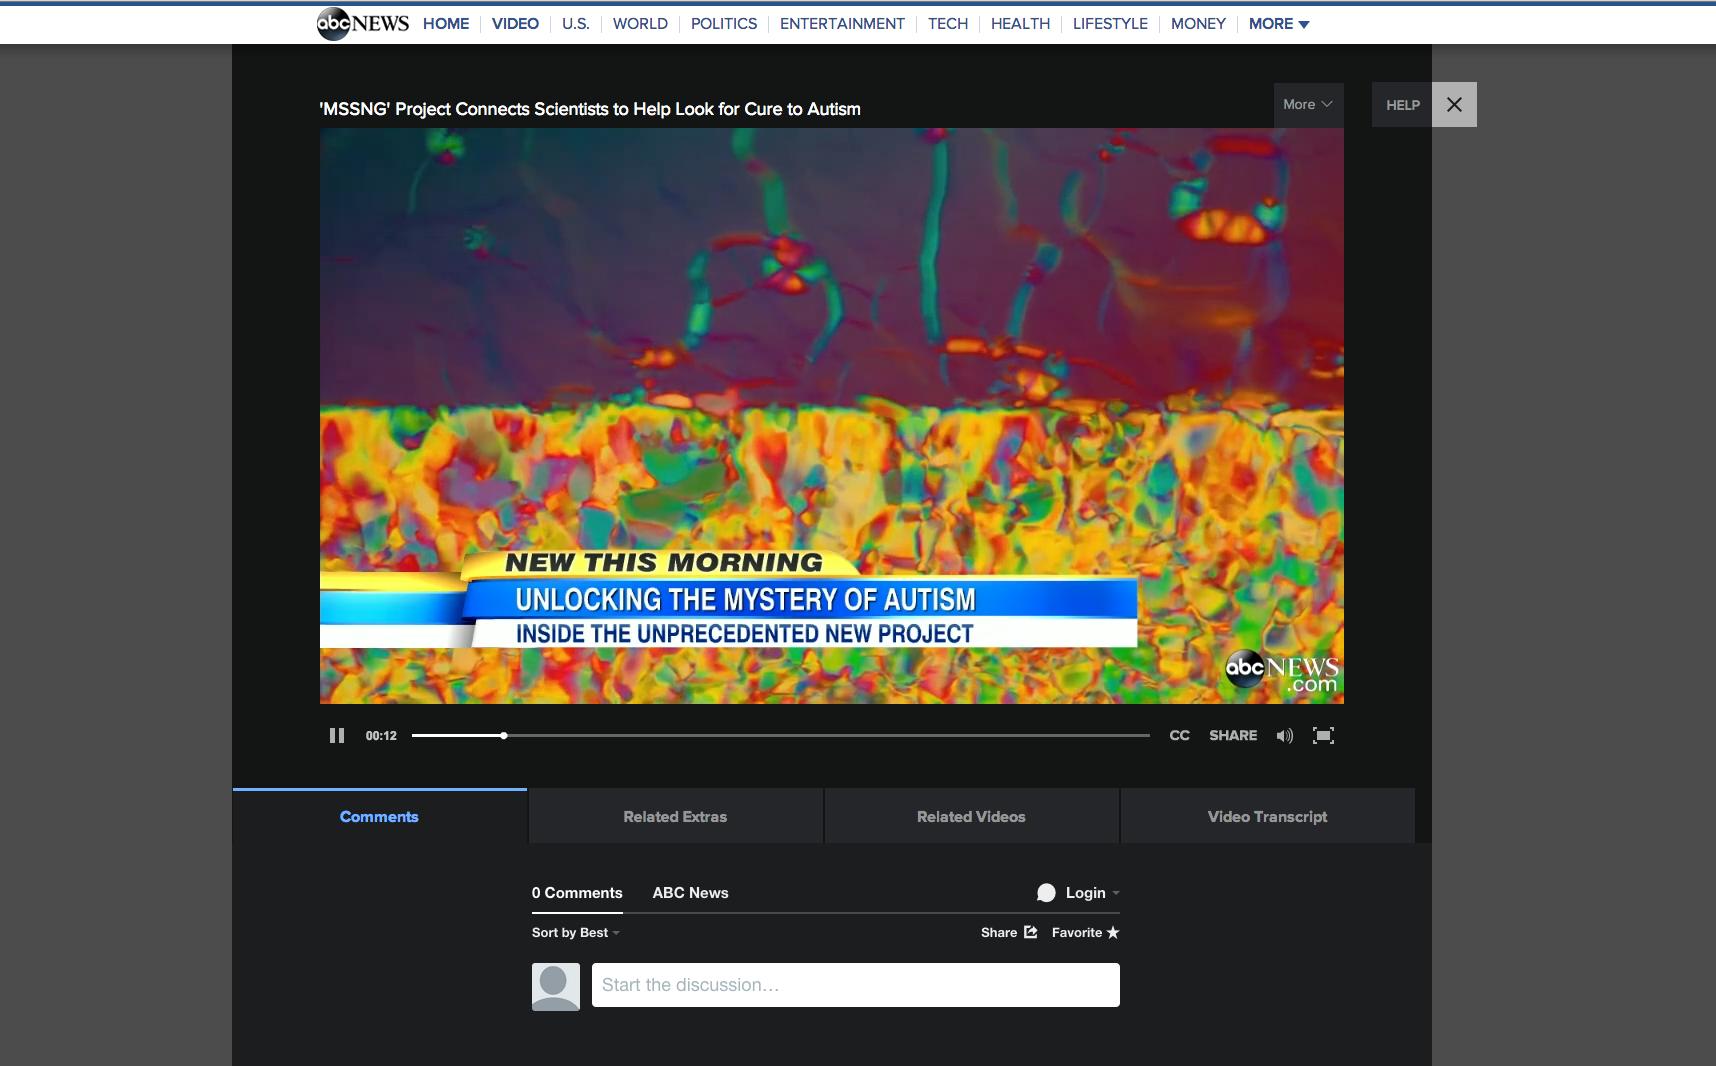 Screen Shot 2014-12-09 at 1.27.56 PM.png